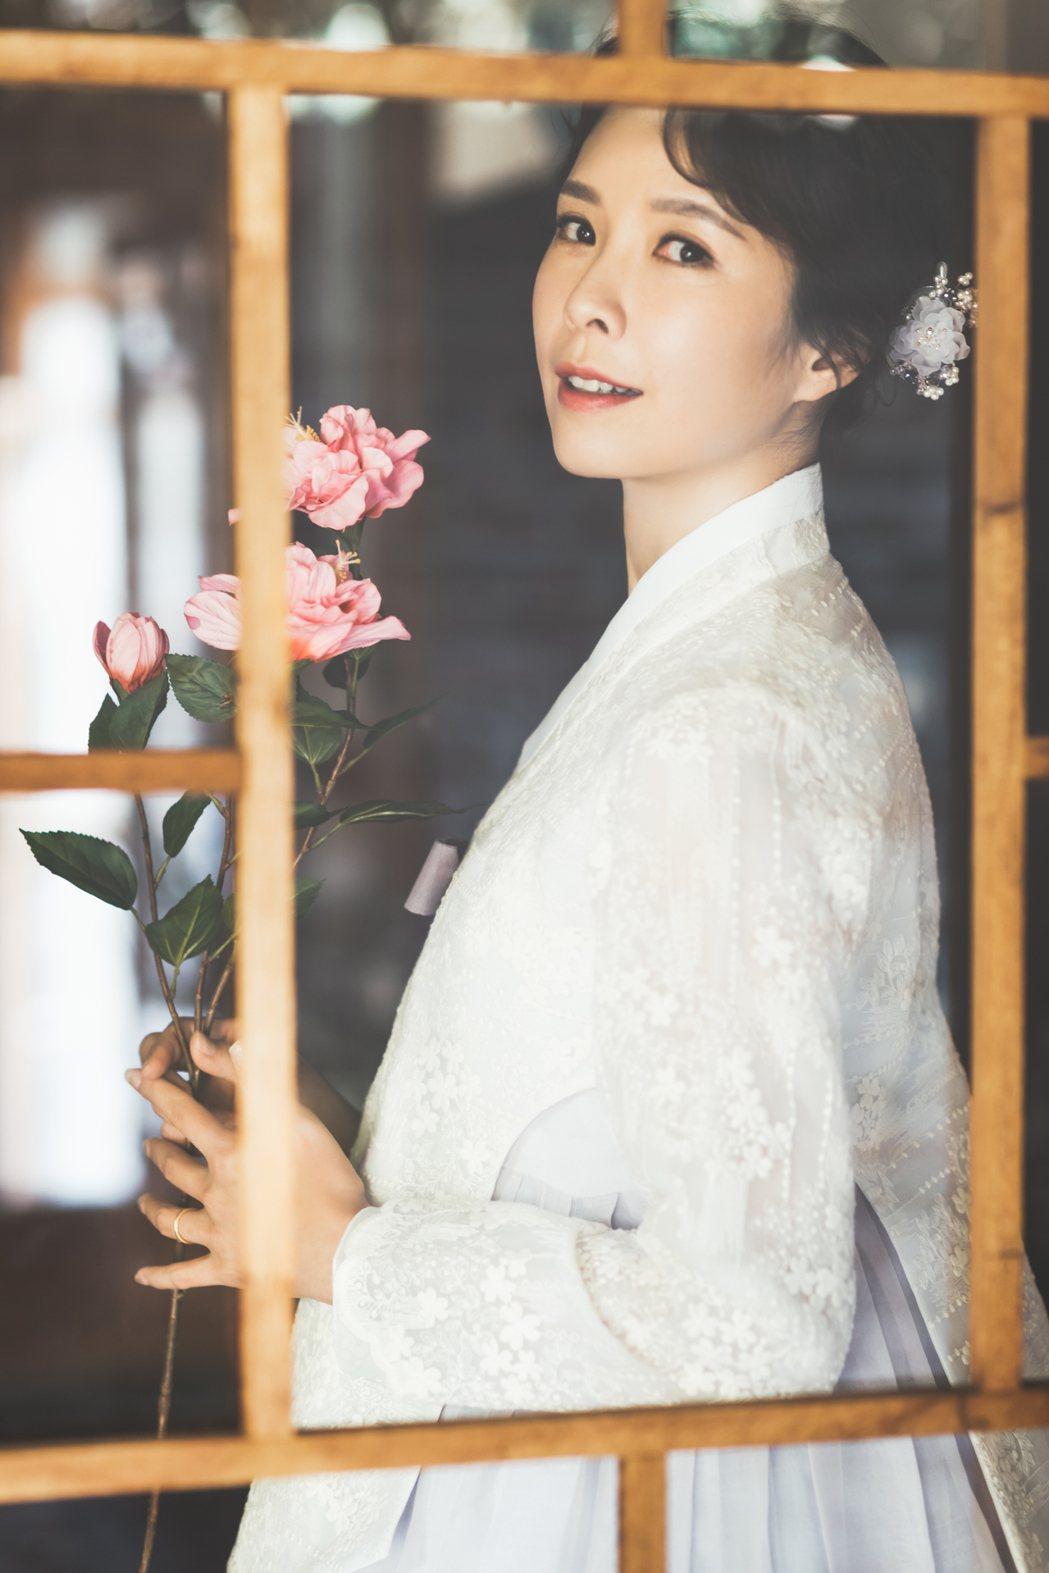 天心從抱定不婚到升格人妻,如今還拍起婚紗照,渾身散發幸福感。圖/福隆經紀公司提供